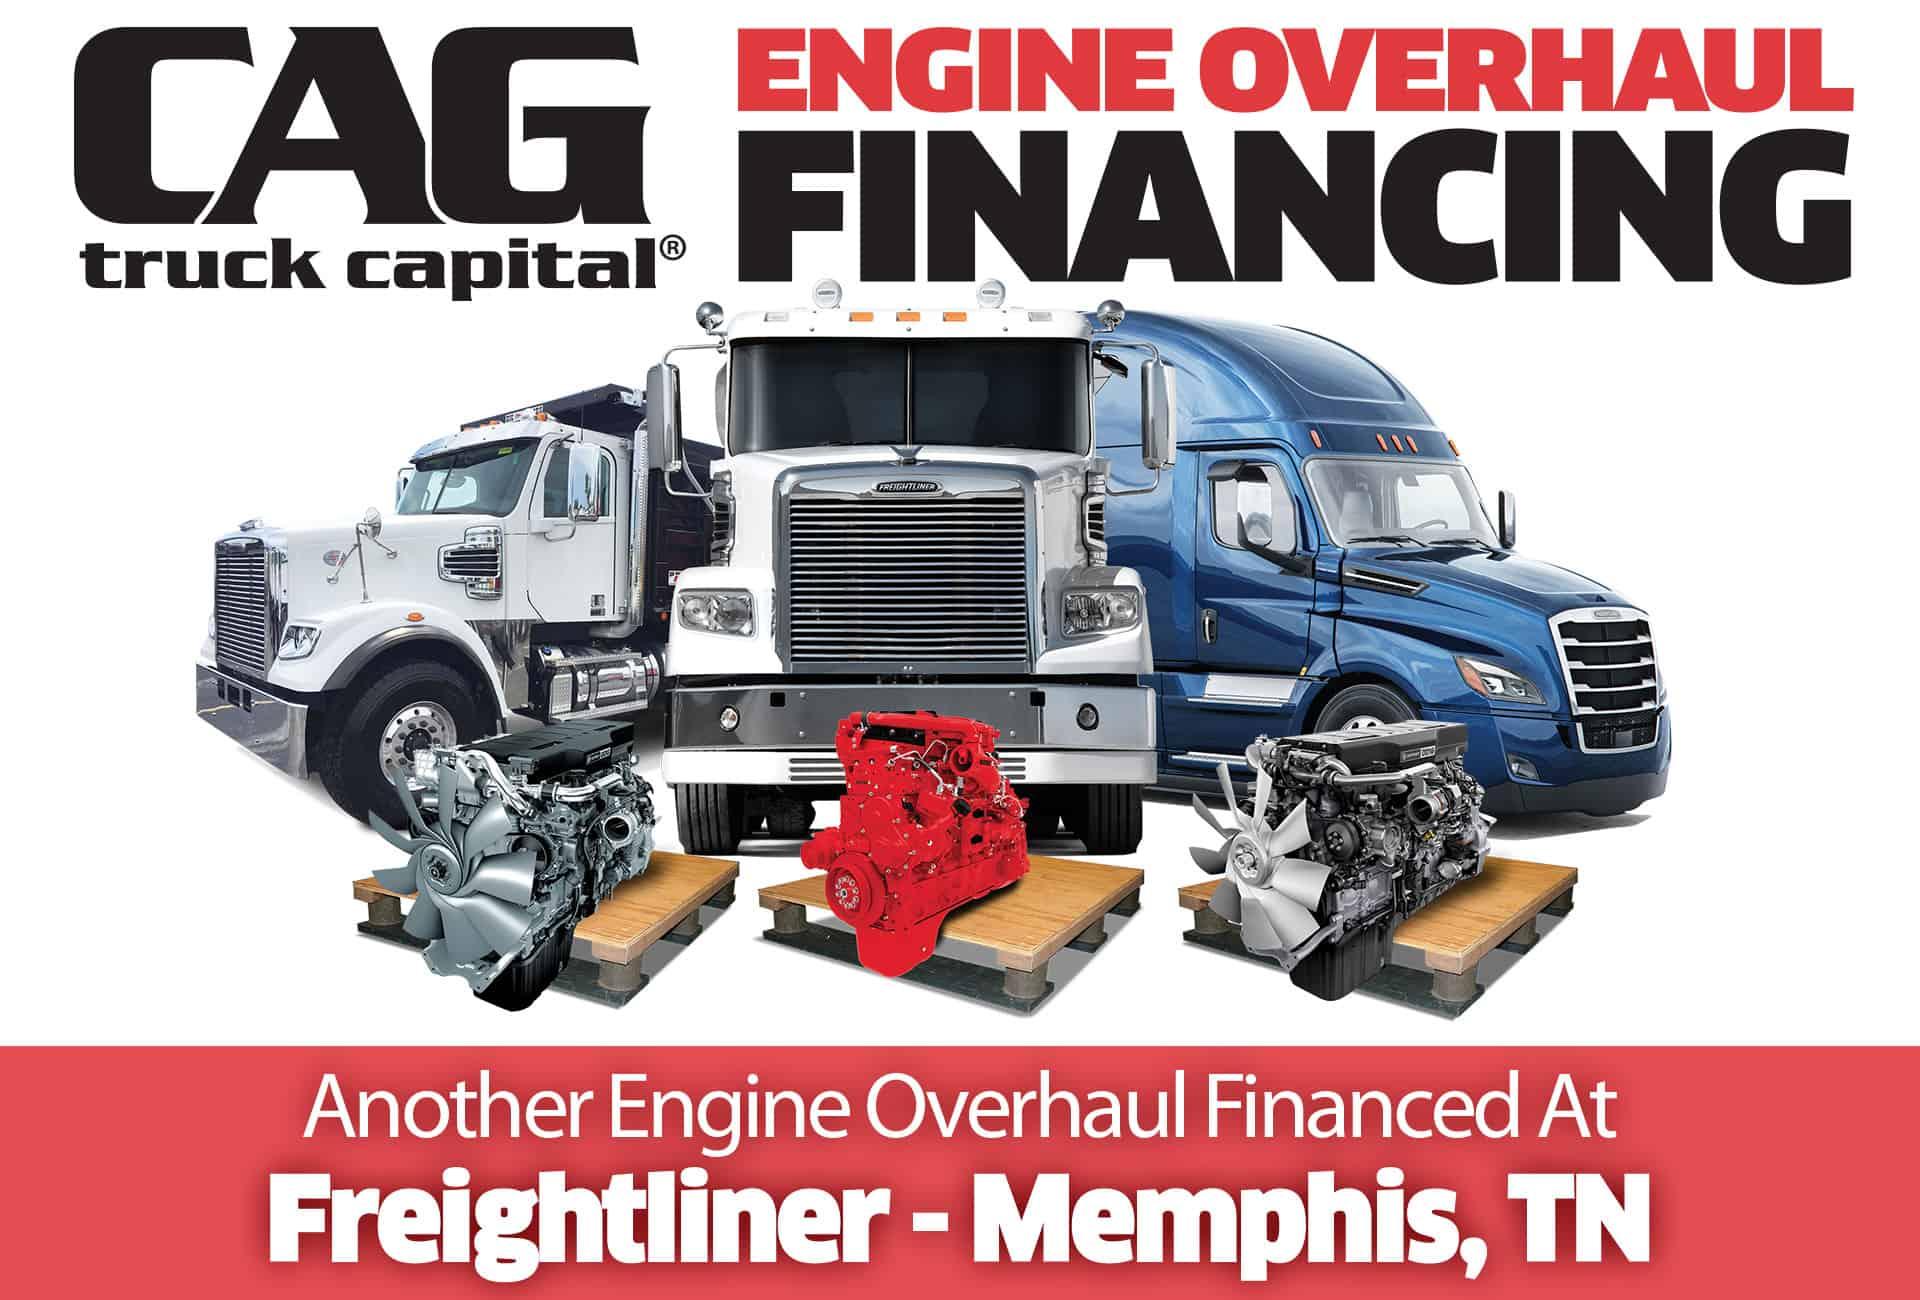 Freightliner Engine Overhauls In Memphis, TN